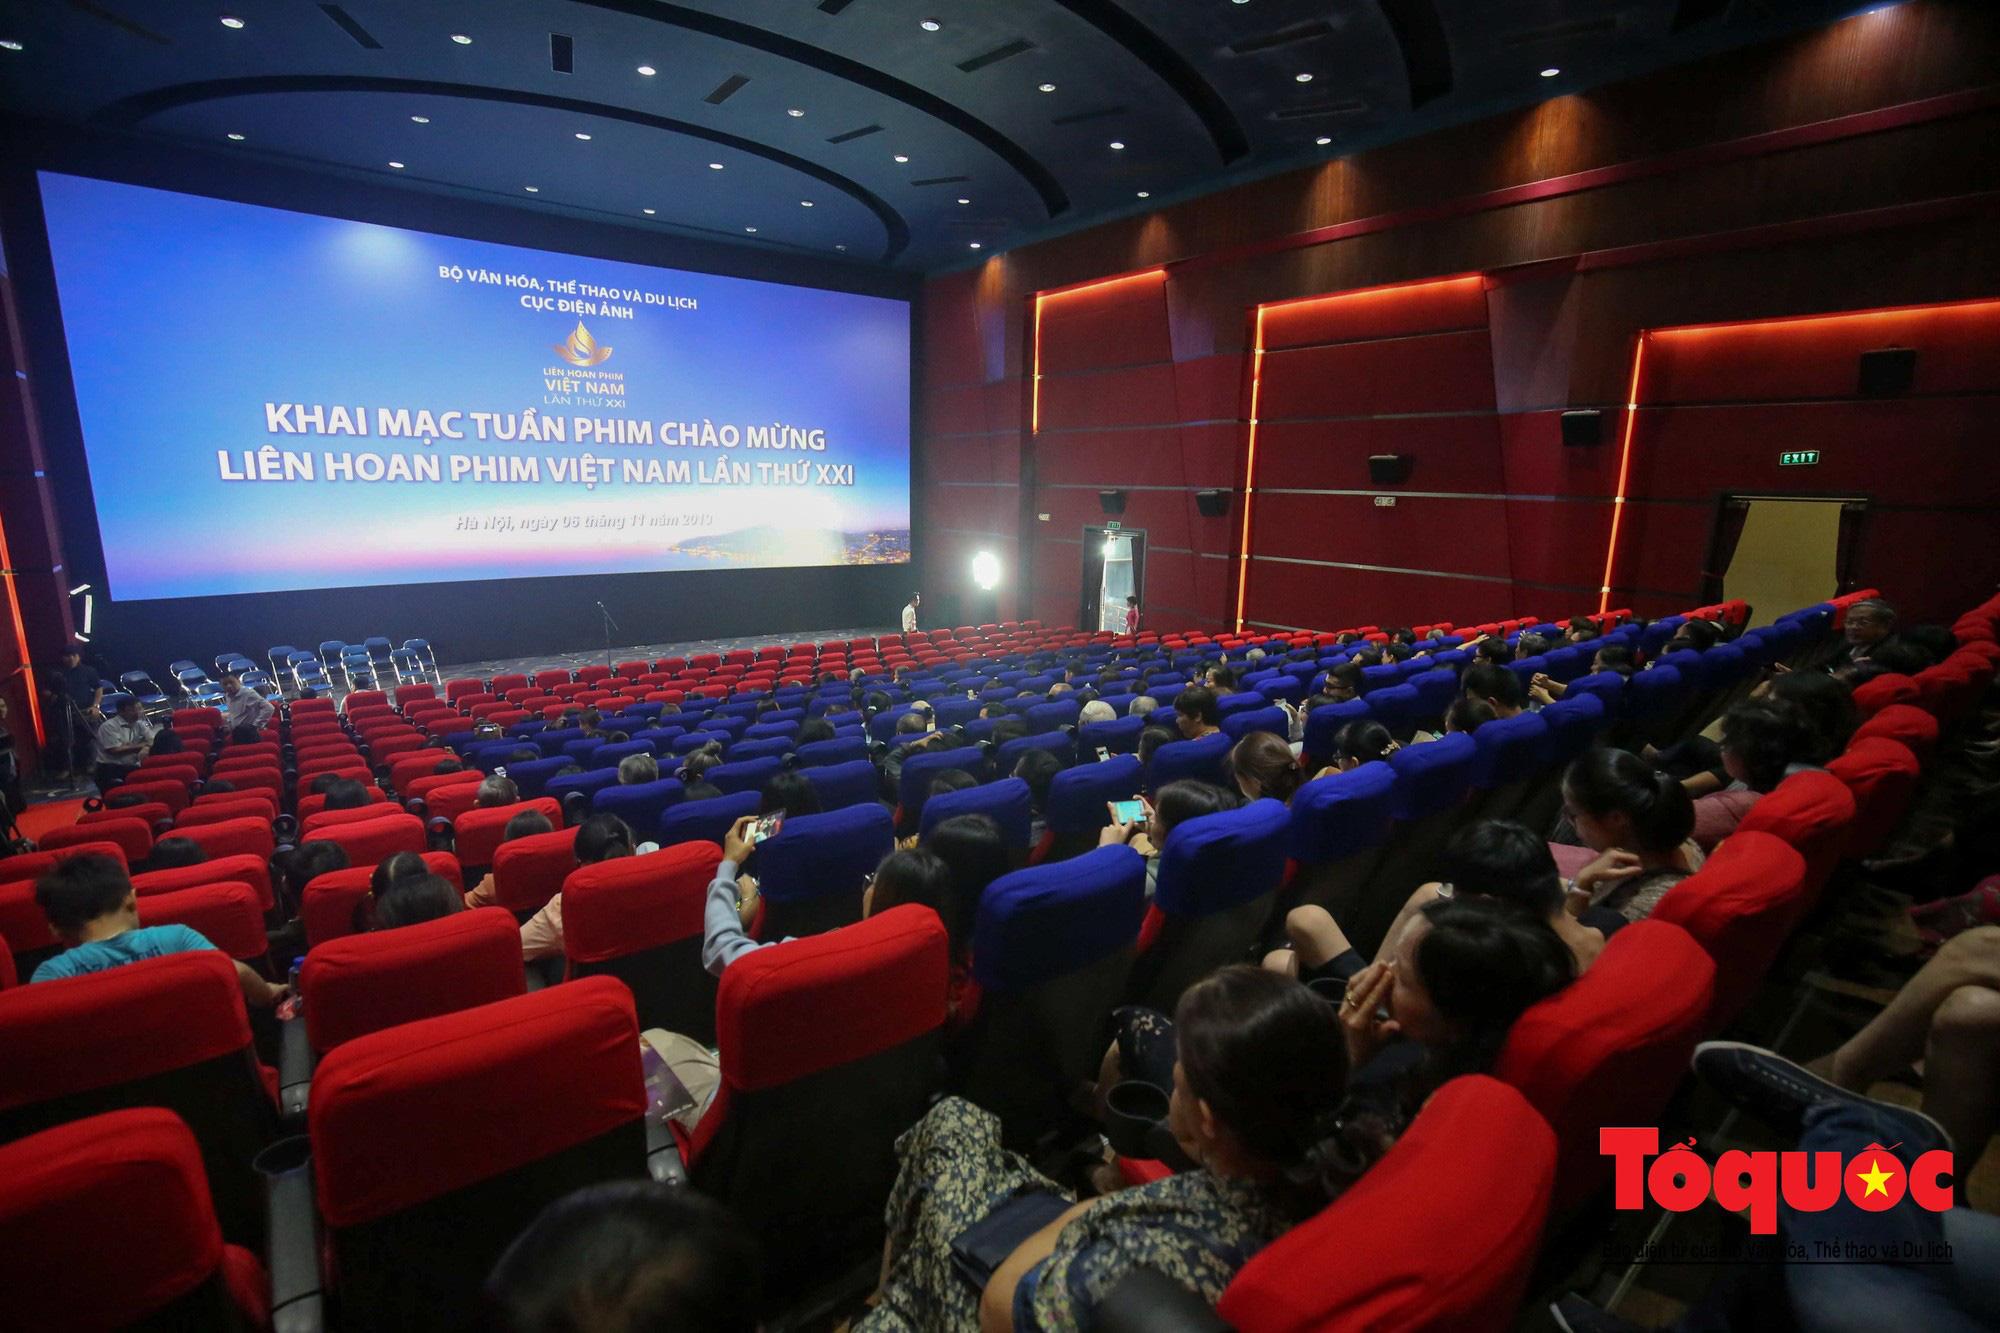 Khai mạc Tuần phim Chào mừng Liên hoan phim Việt Nam lần thứ XXI  - Ảnh 1.